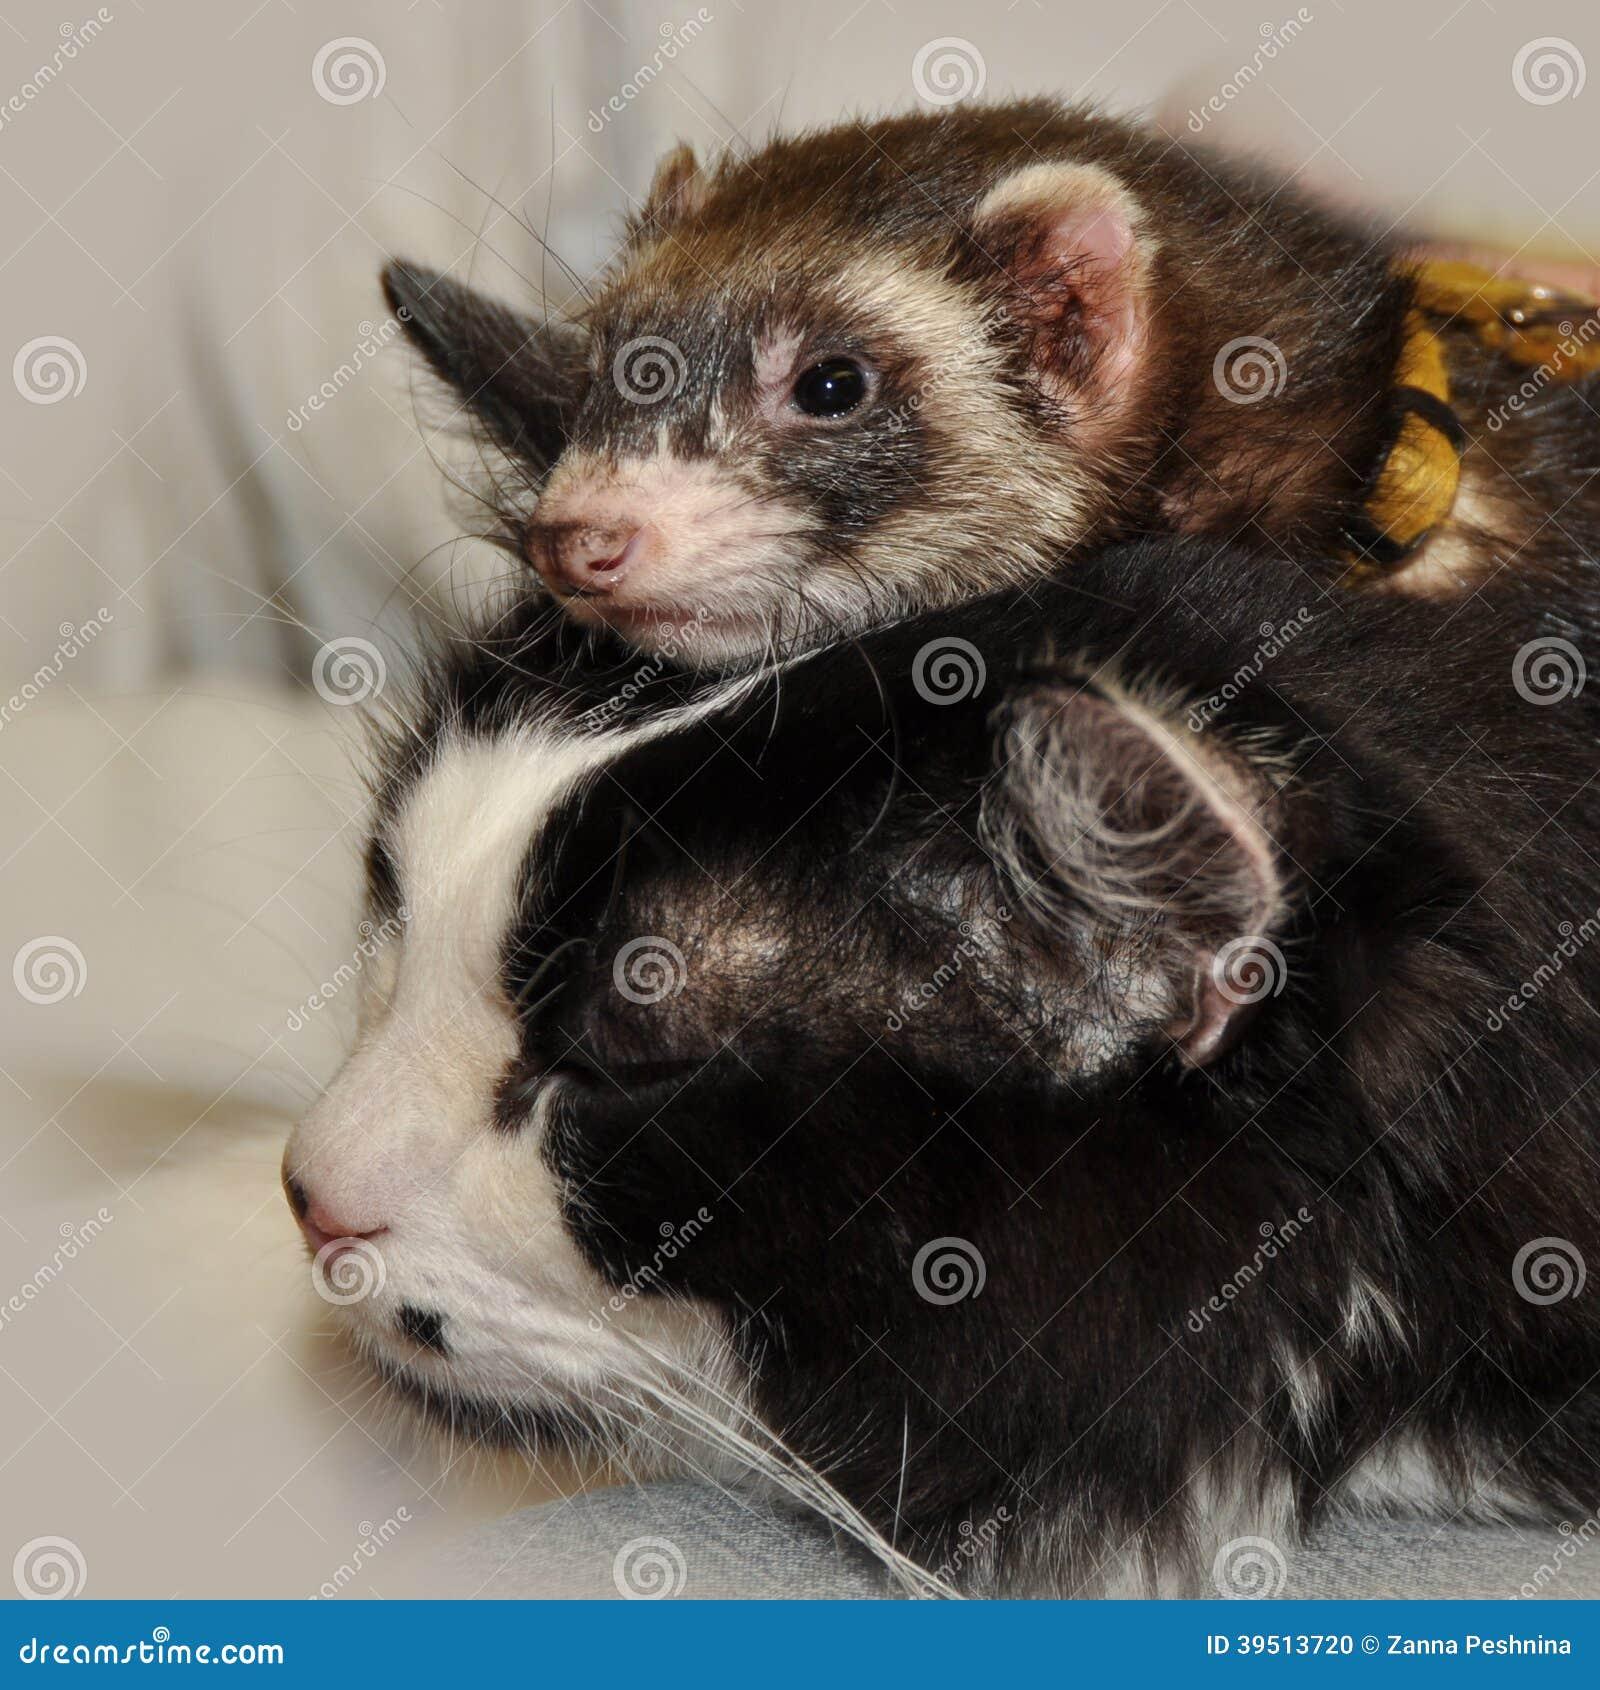 Ferret and cat